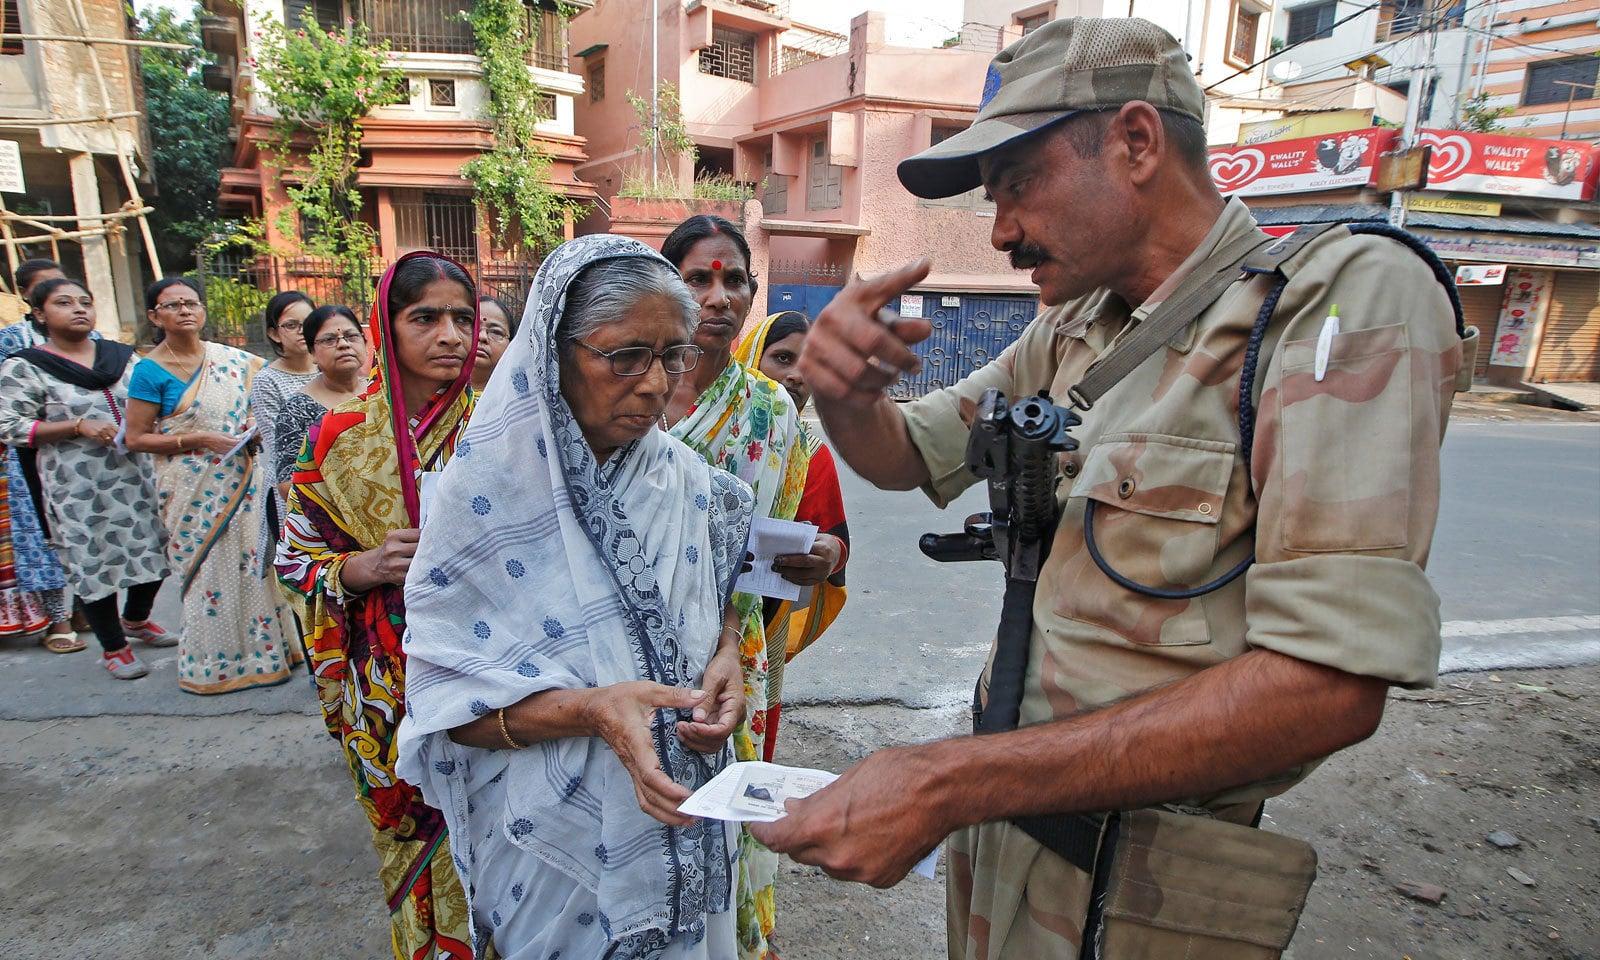 کلکتہ میں پولنگ کے دوران سخت سیکیورٹی انتظامات کیے گیے تھے — فوٹو: رائٹرز